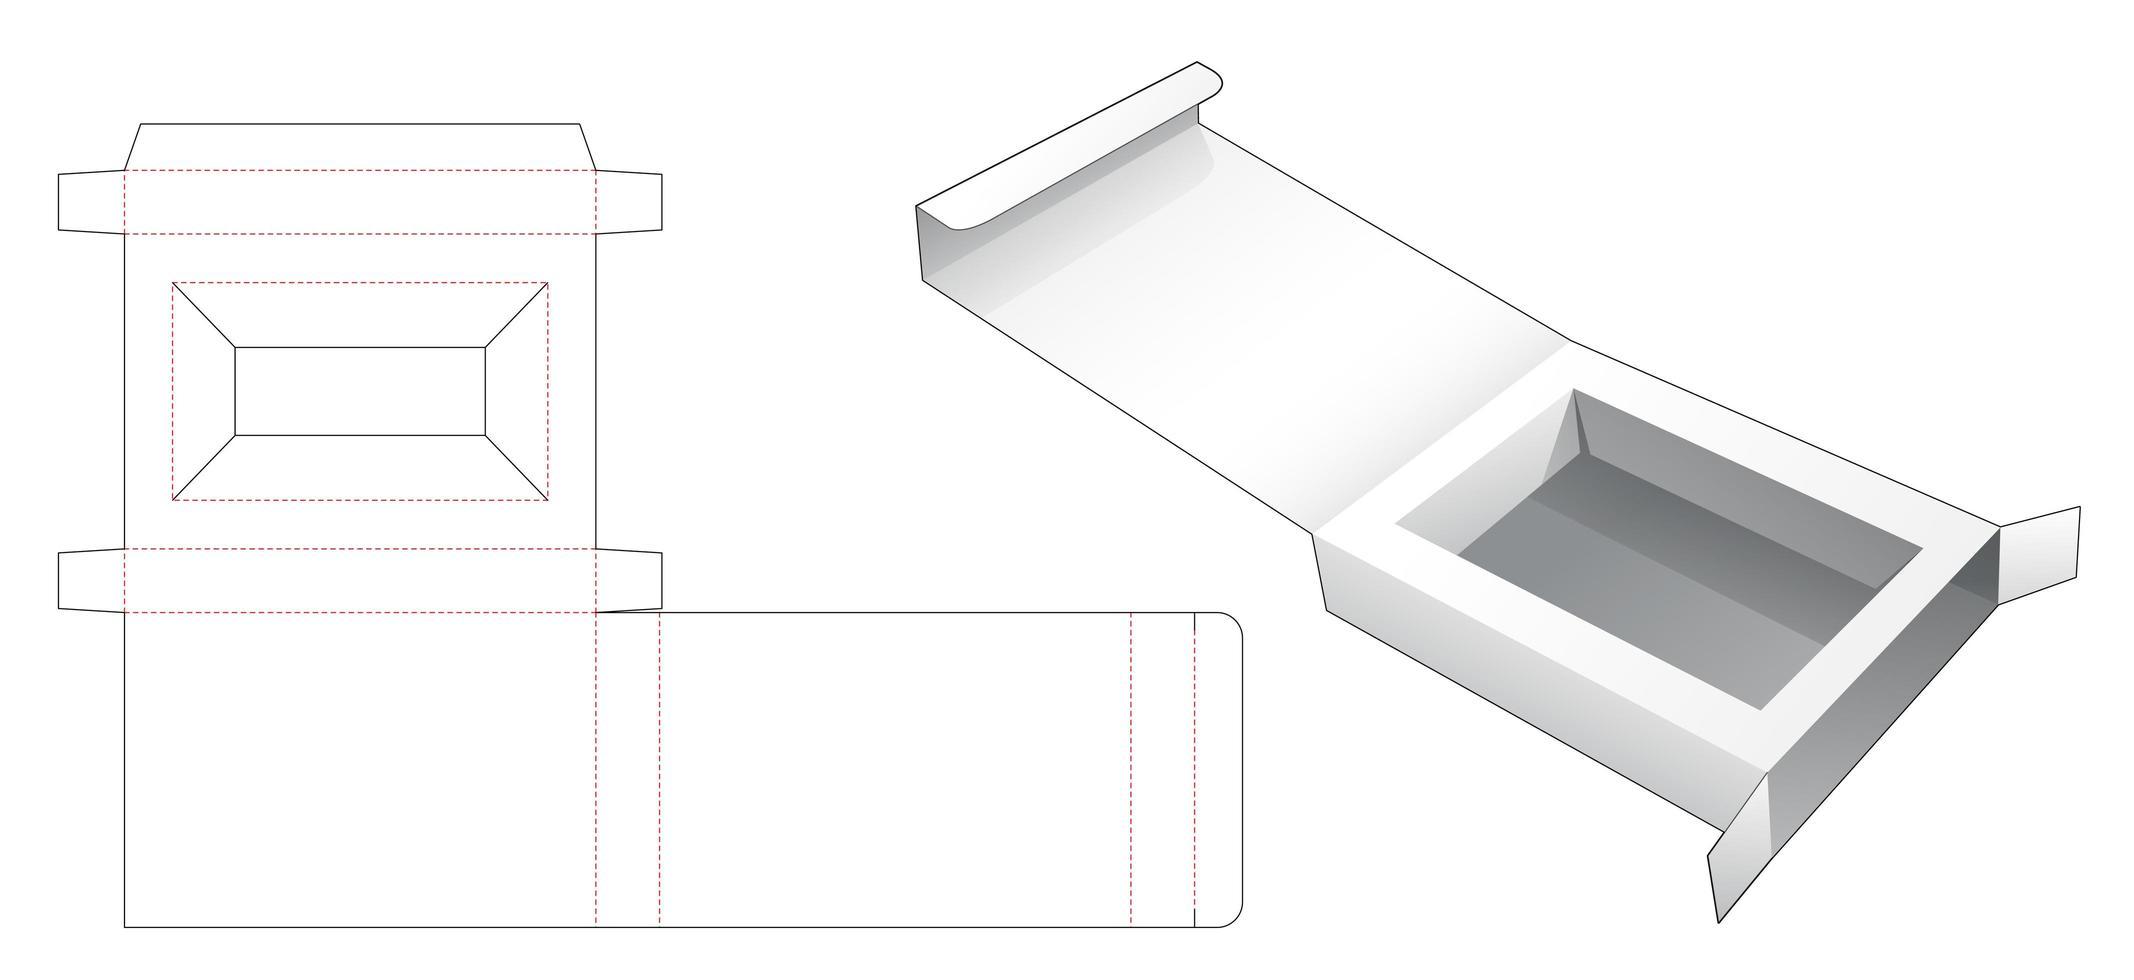 1-delige retailverpakkingsdoos met insteekdrager vector